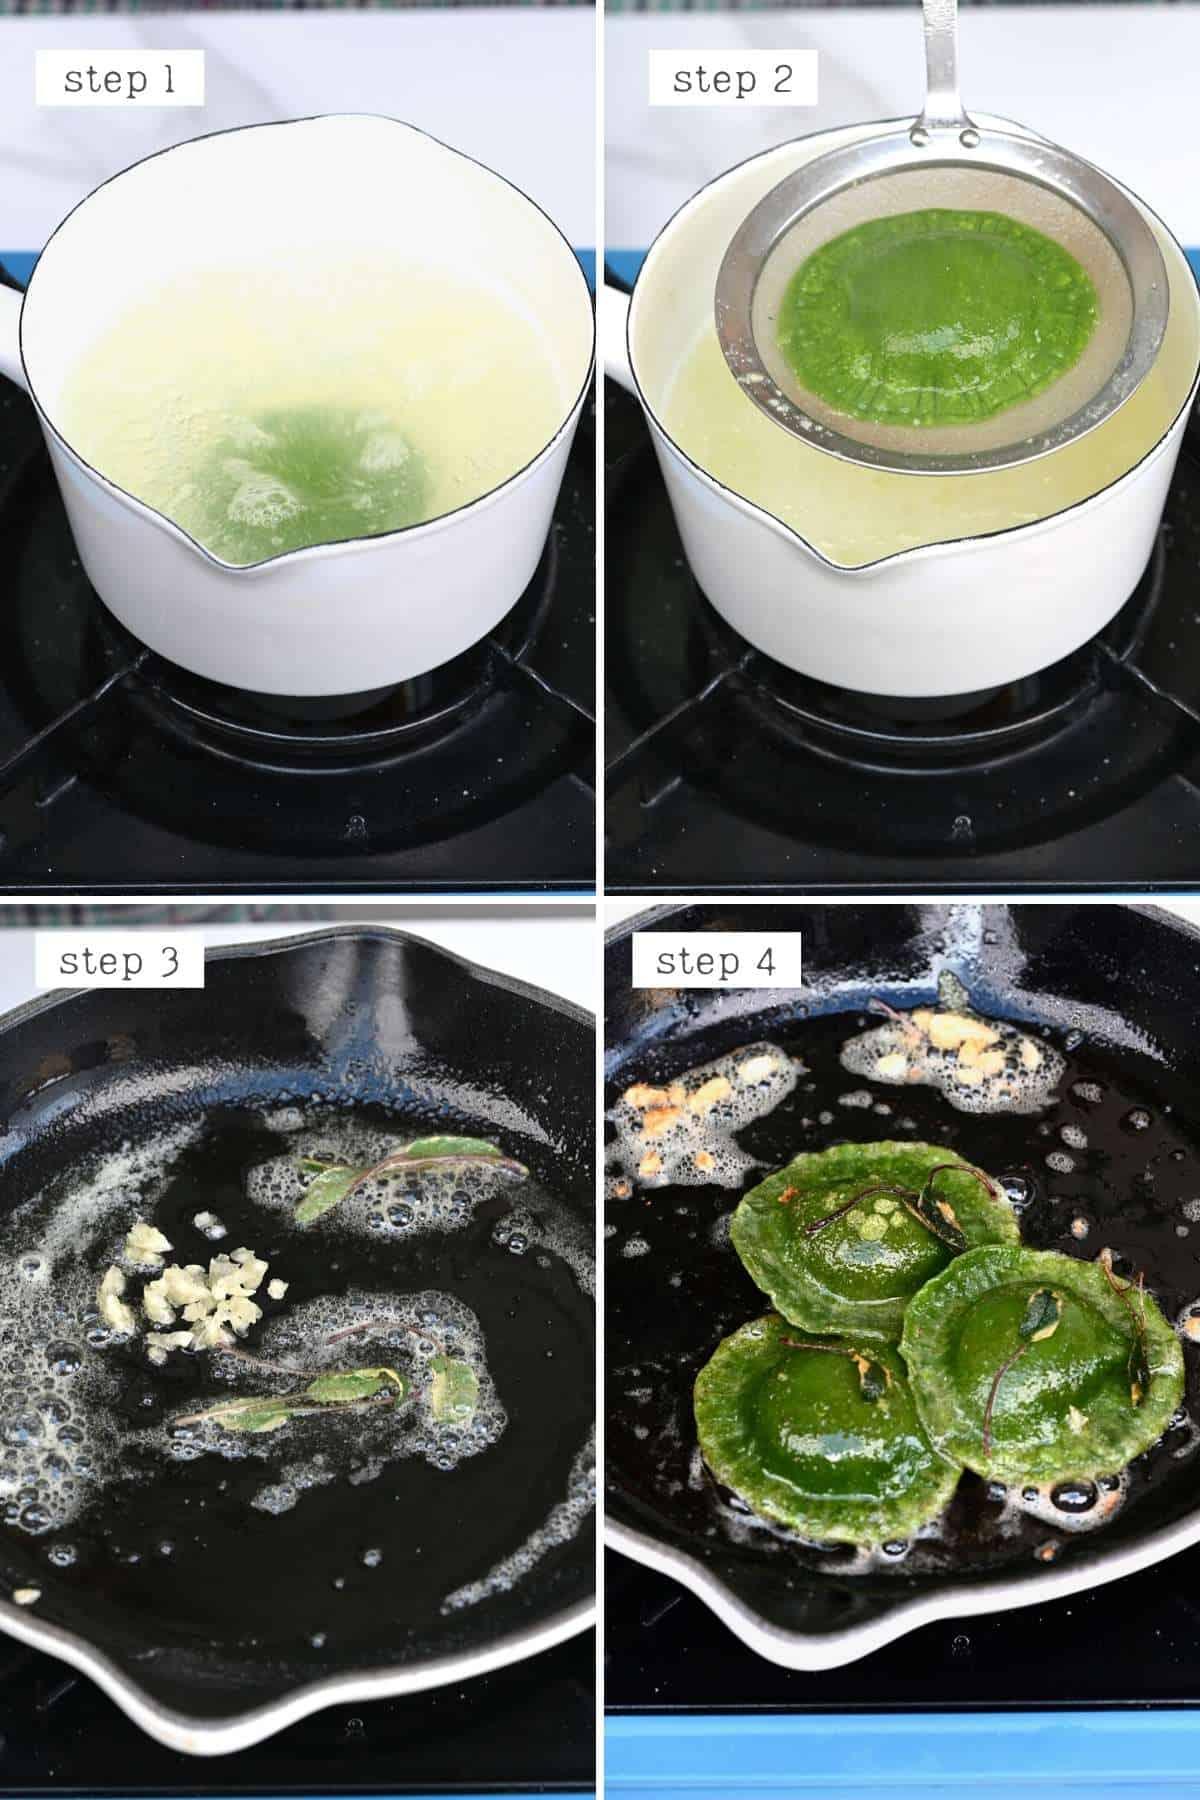 Steps for cooking egg ravioli